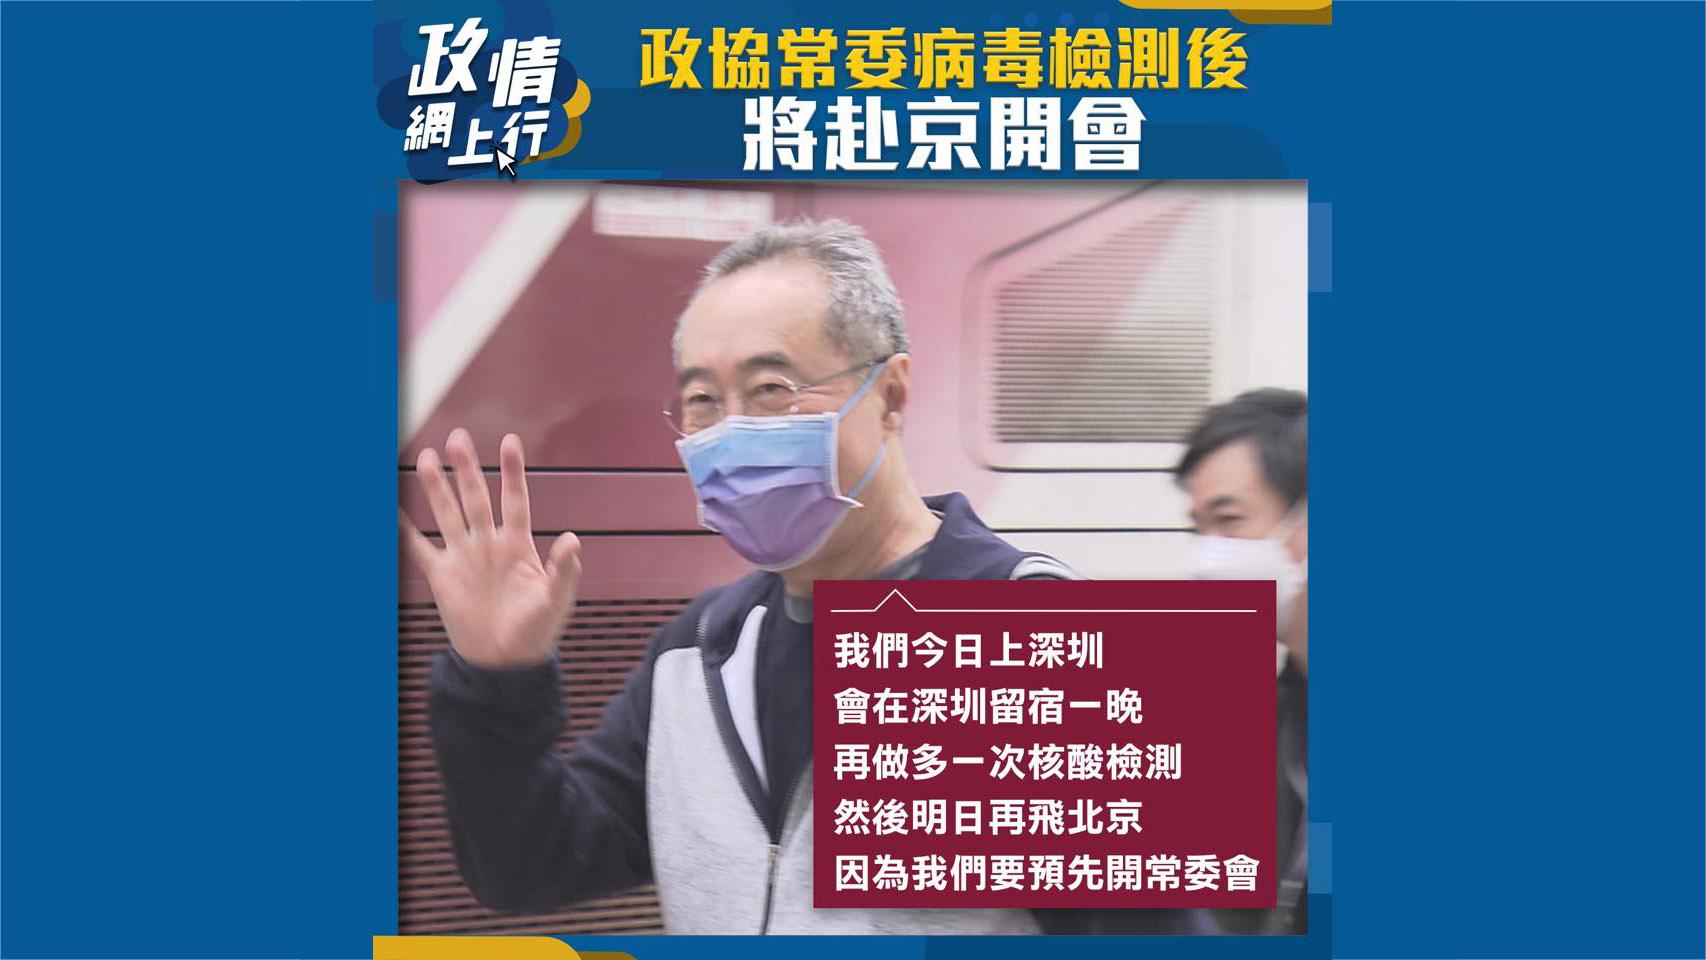 【政情網上行】政協常委病毒檢測後將赴京開會